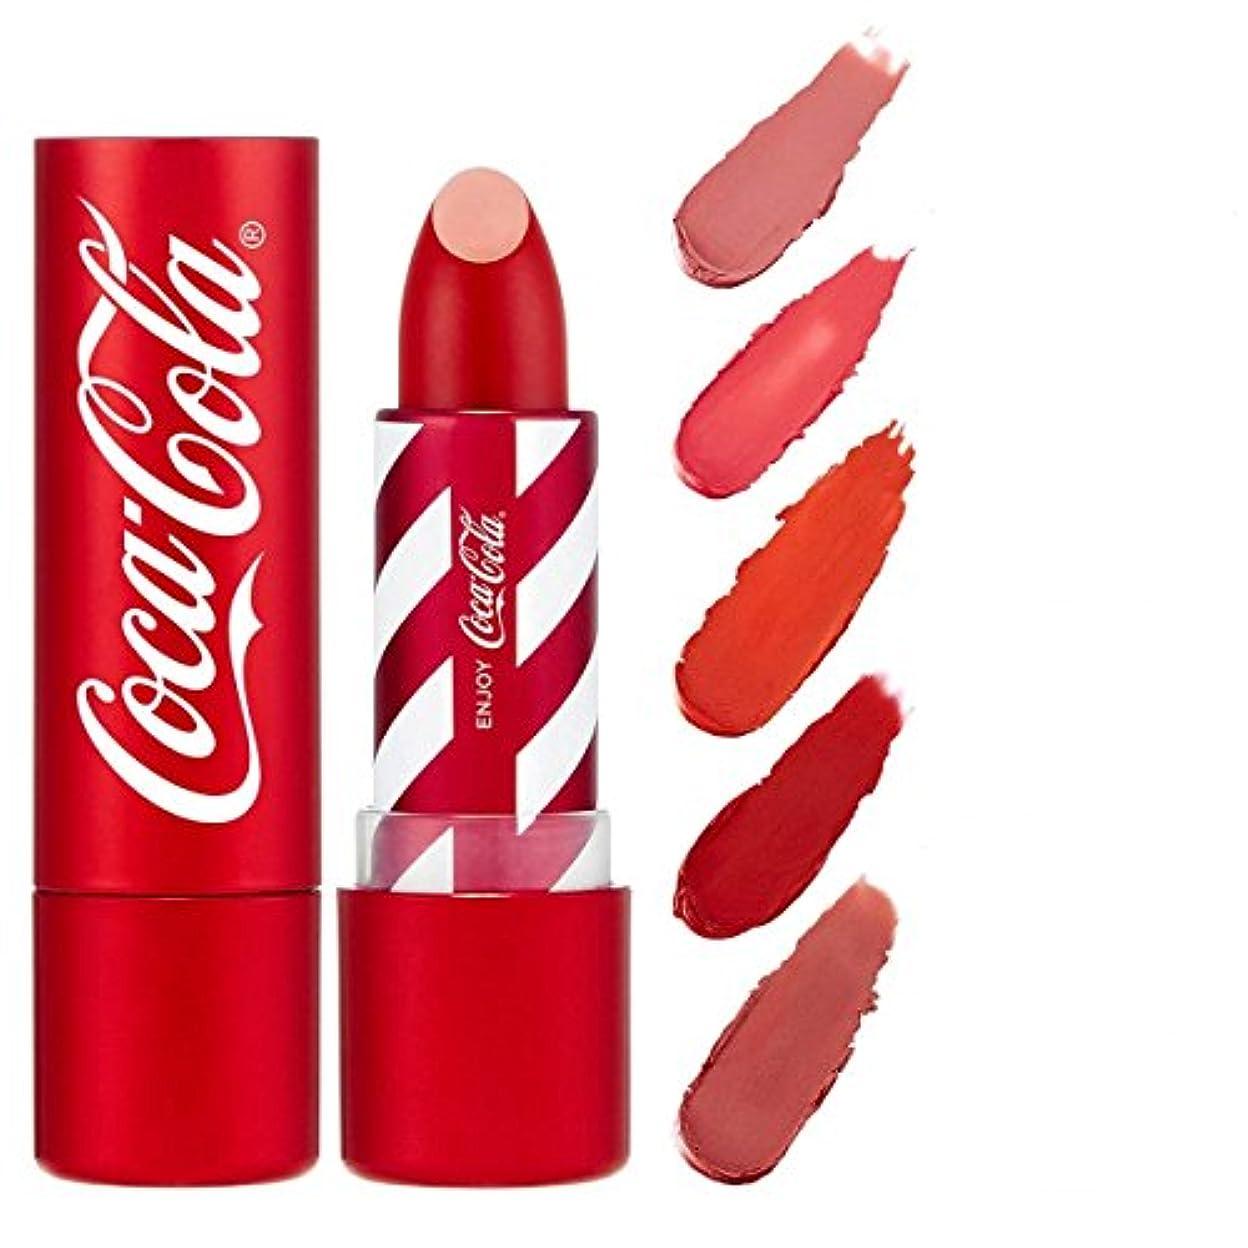 ヘロインロマンチック保育園コカ?コーラ×THE FACE SHOP リップスティック ~ コカ?コーラ公式グッズ 04 COKE RED